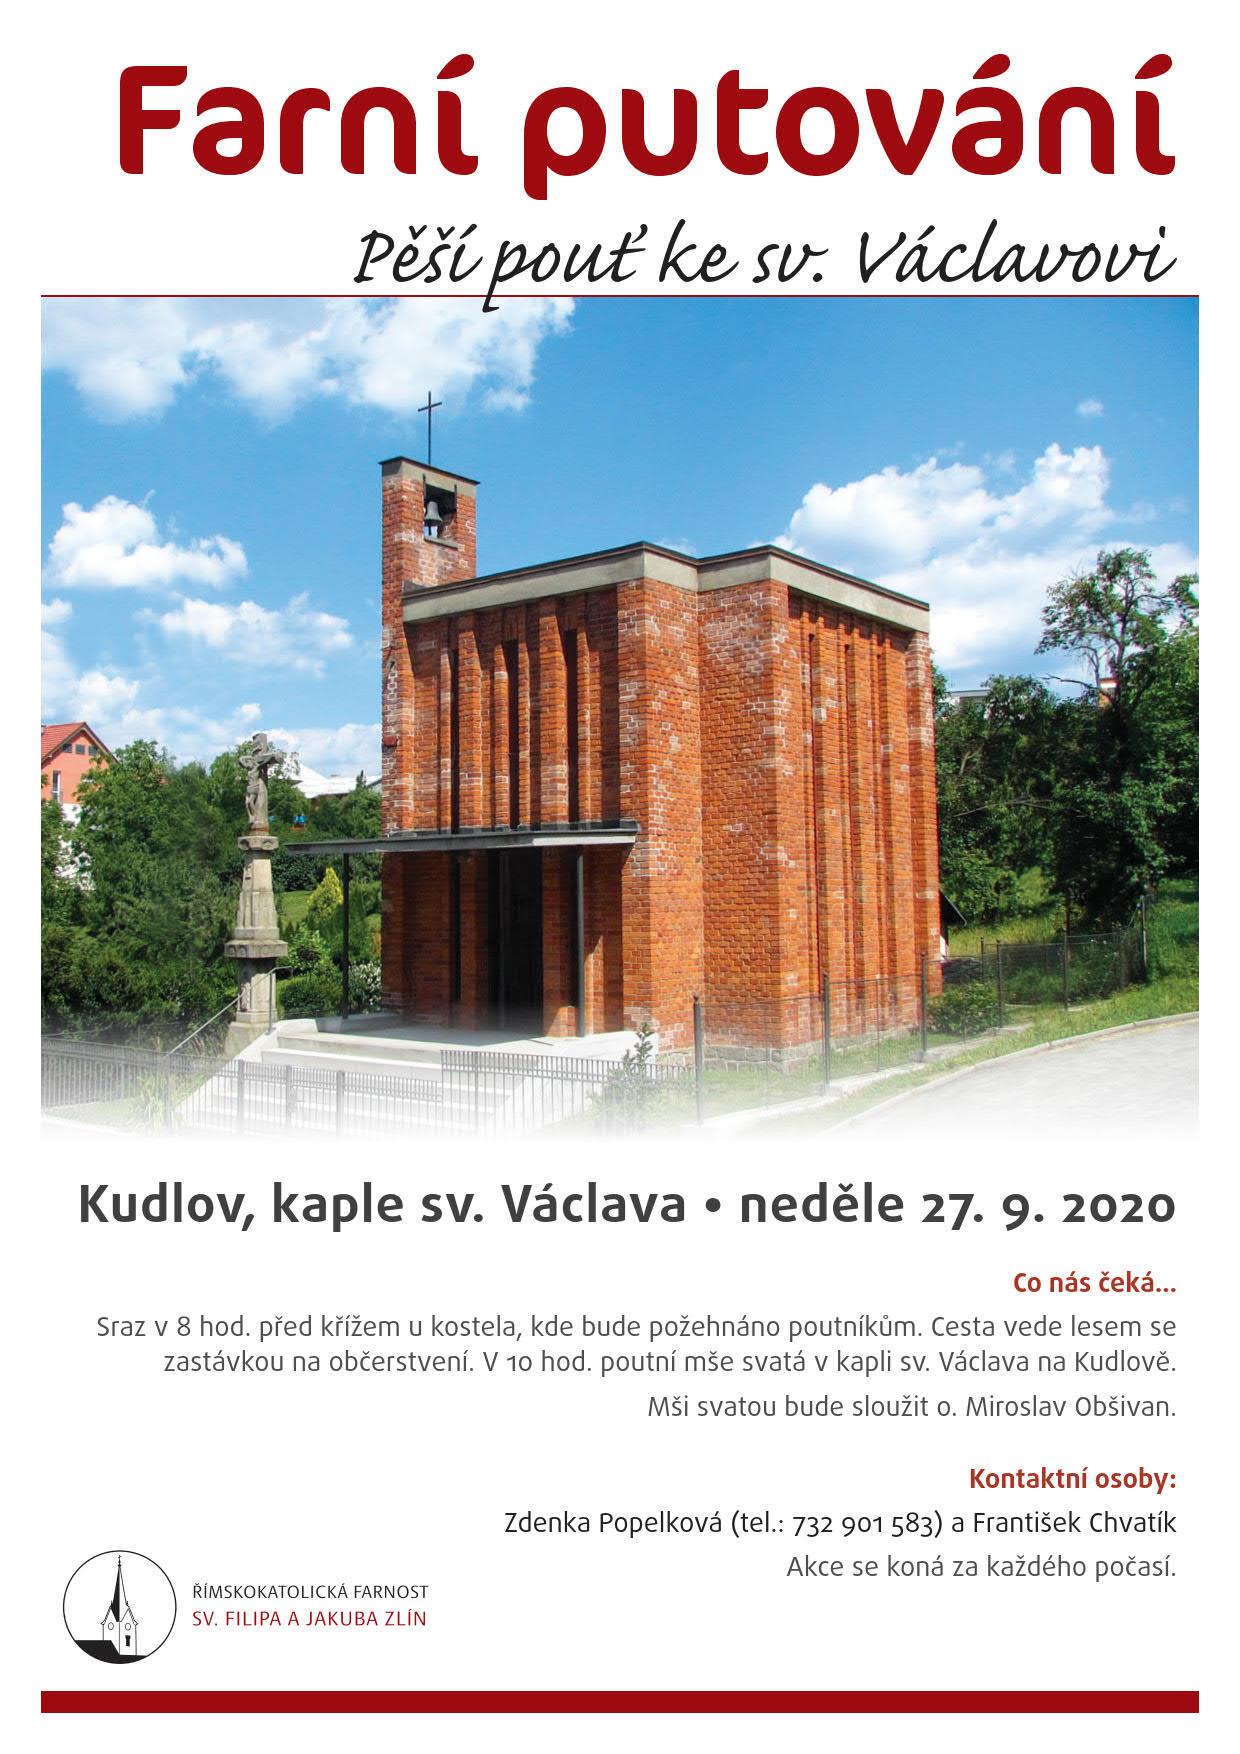 Farní putování Kudlov 2020